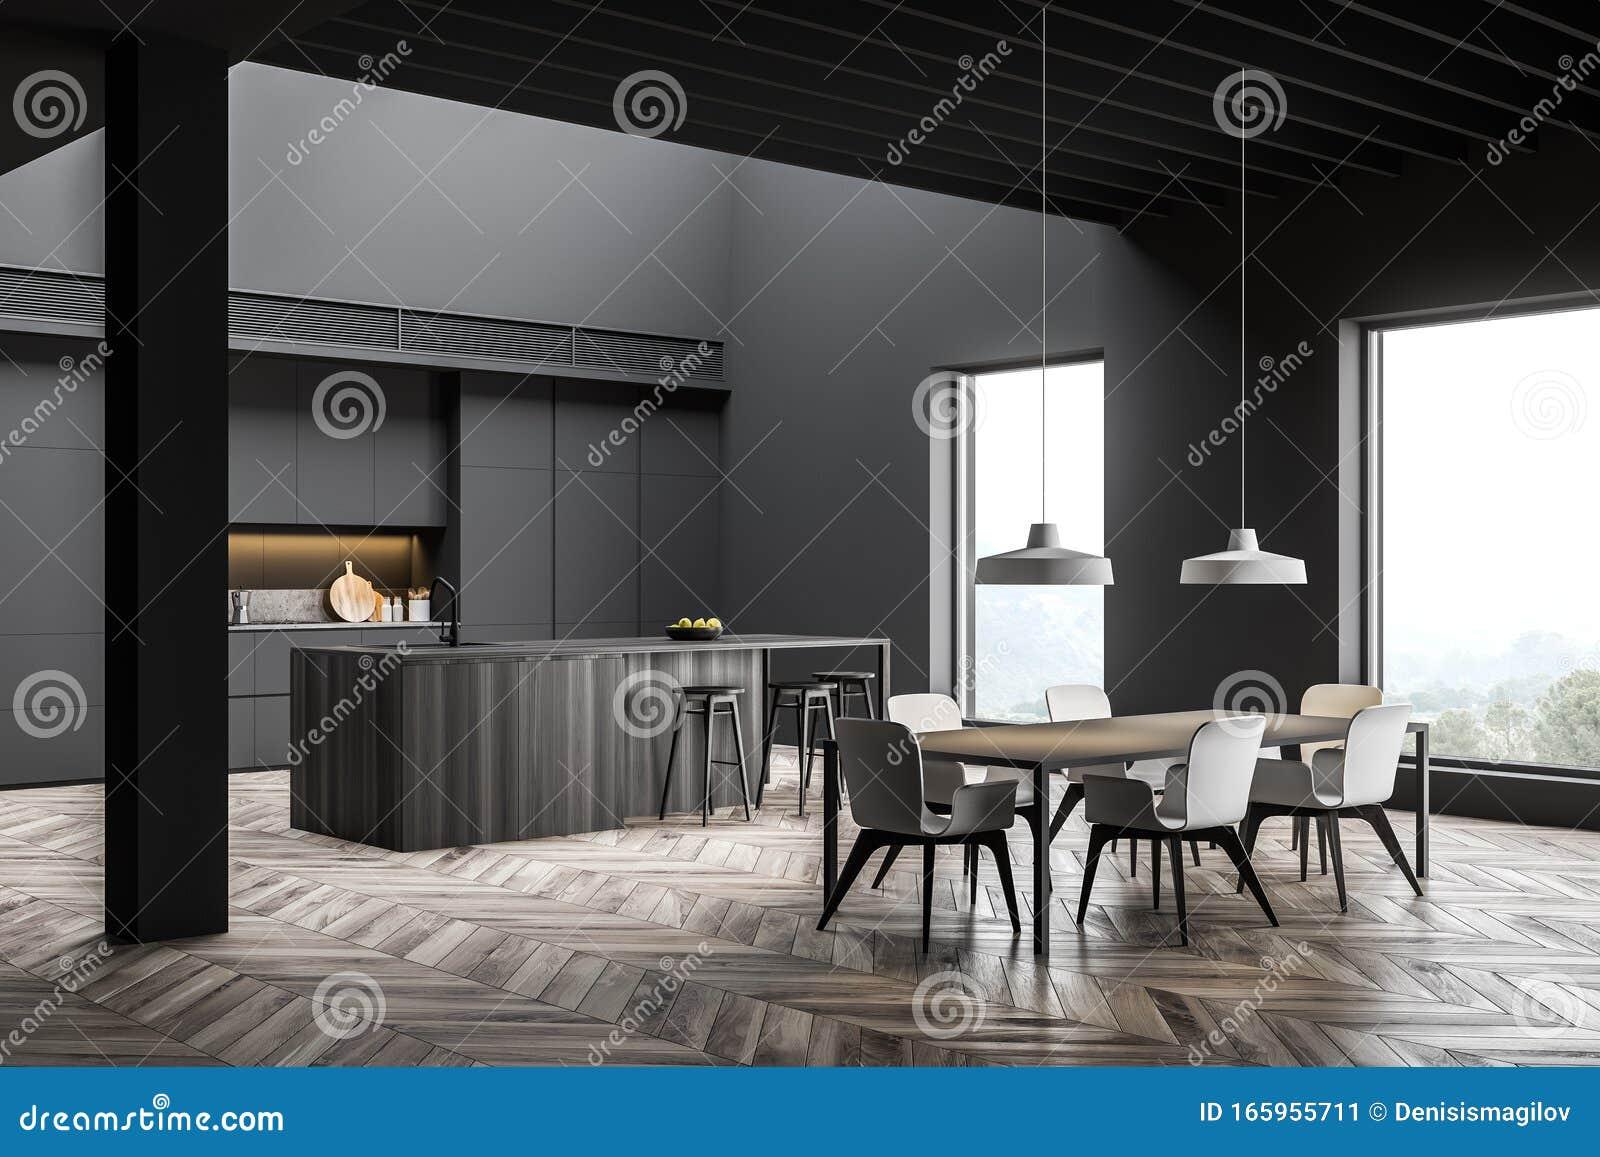 Angolo Di Cucina Grigio Con Bar E Tavolo Da Pranzo Illustrazione Di Stock Illustrazione Di Nazionale Domestico 165955711